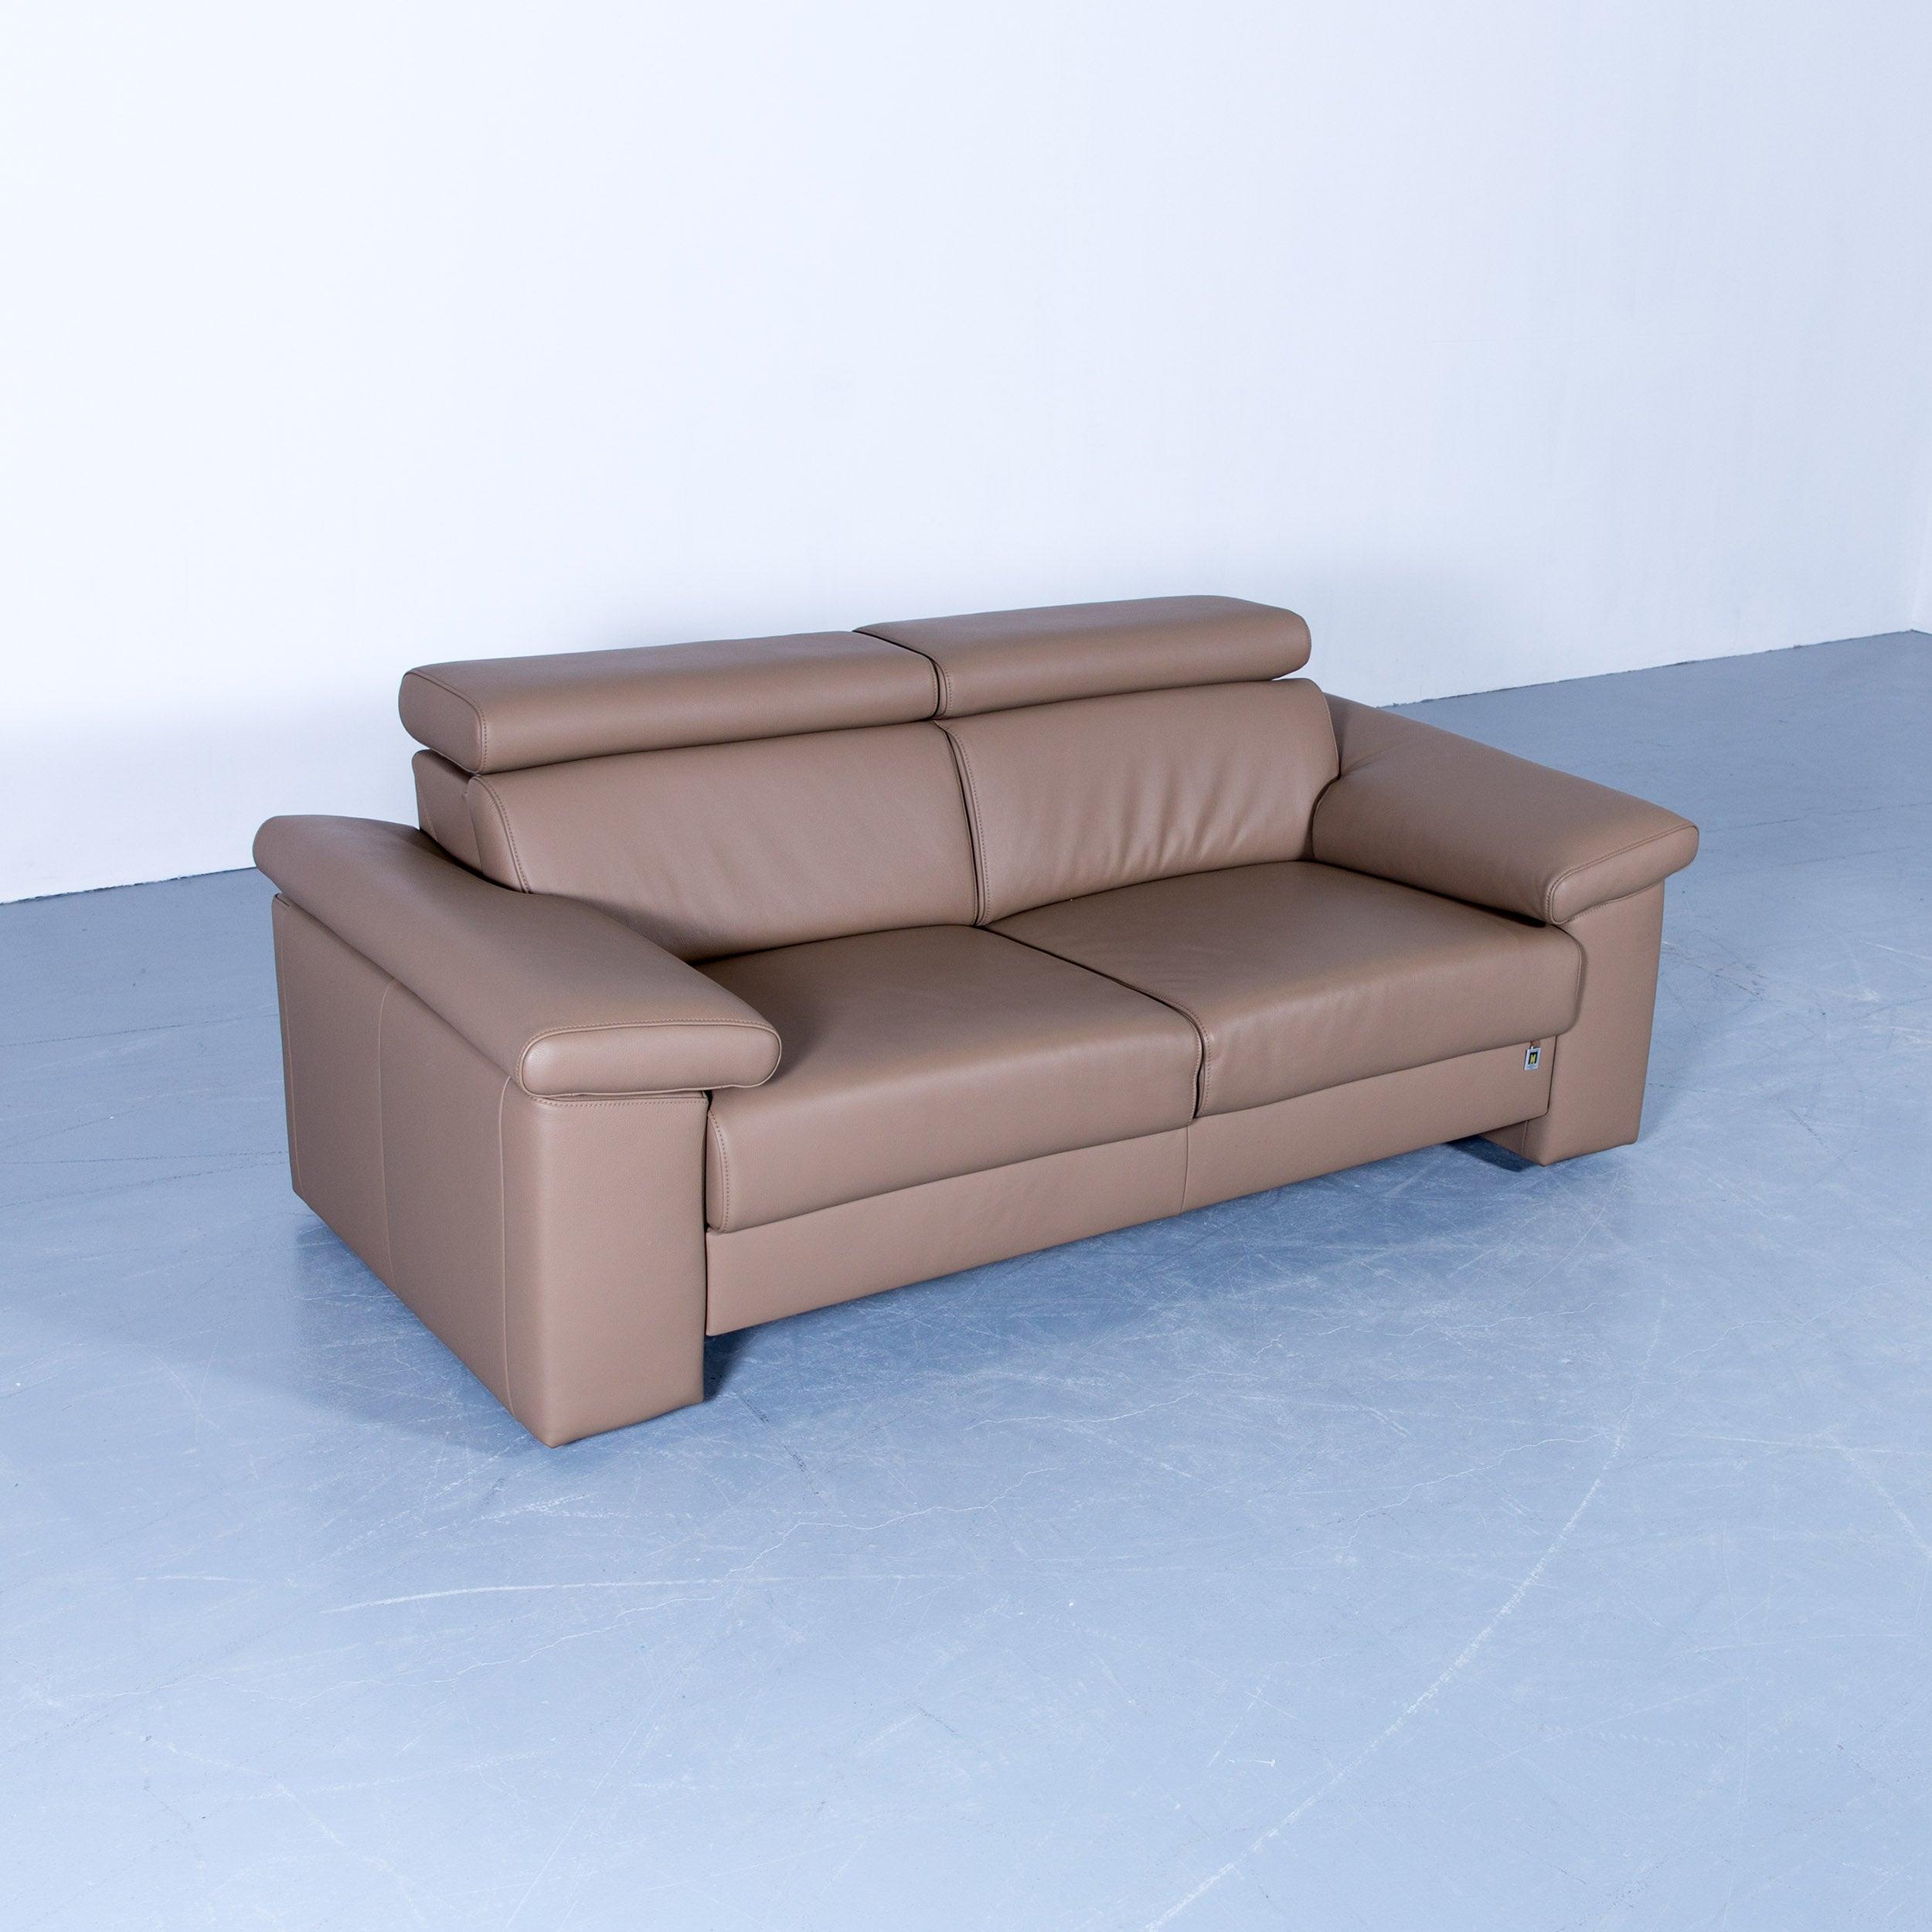 Schön Sofa Und Sessel Ideen Von Aka